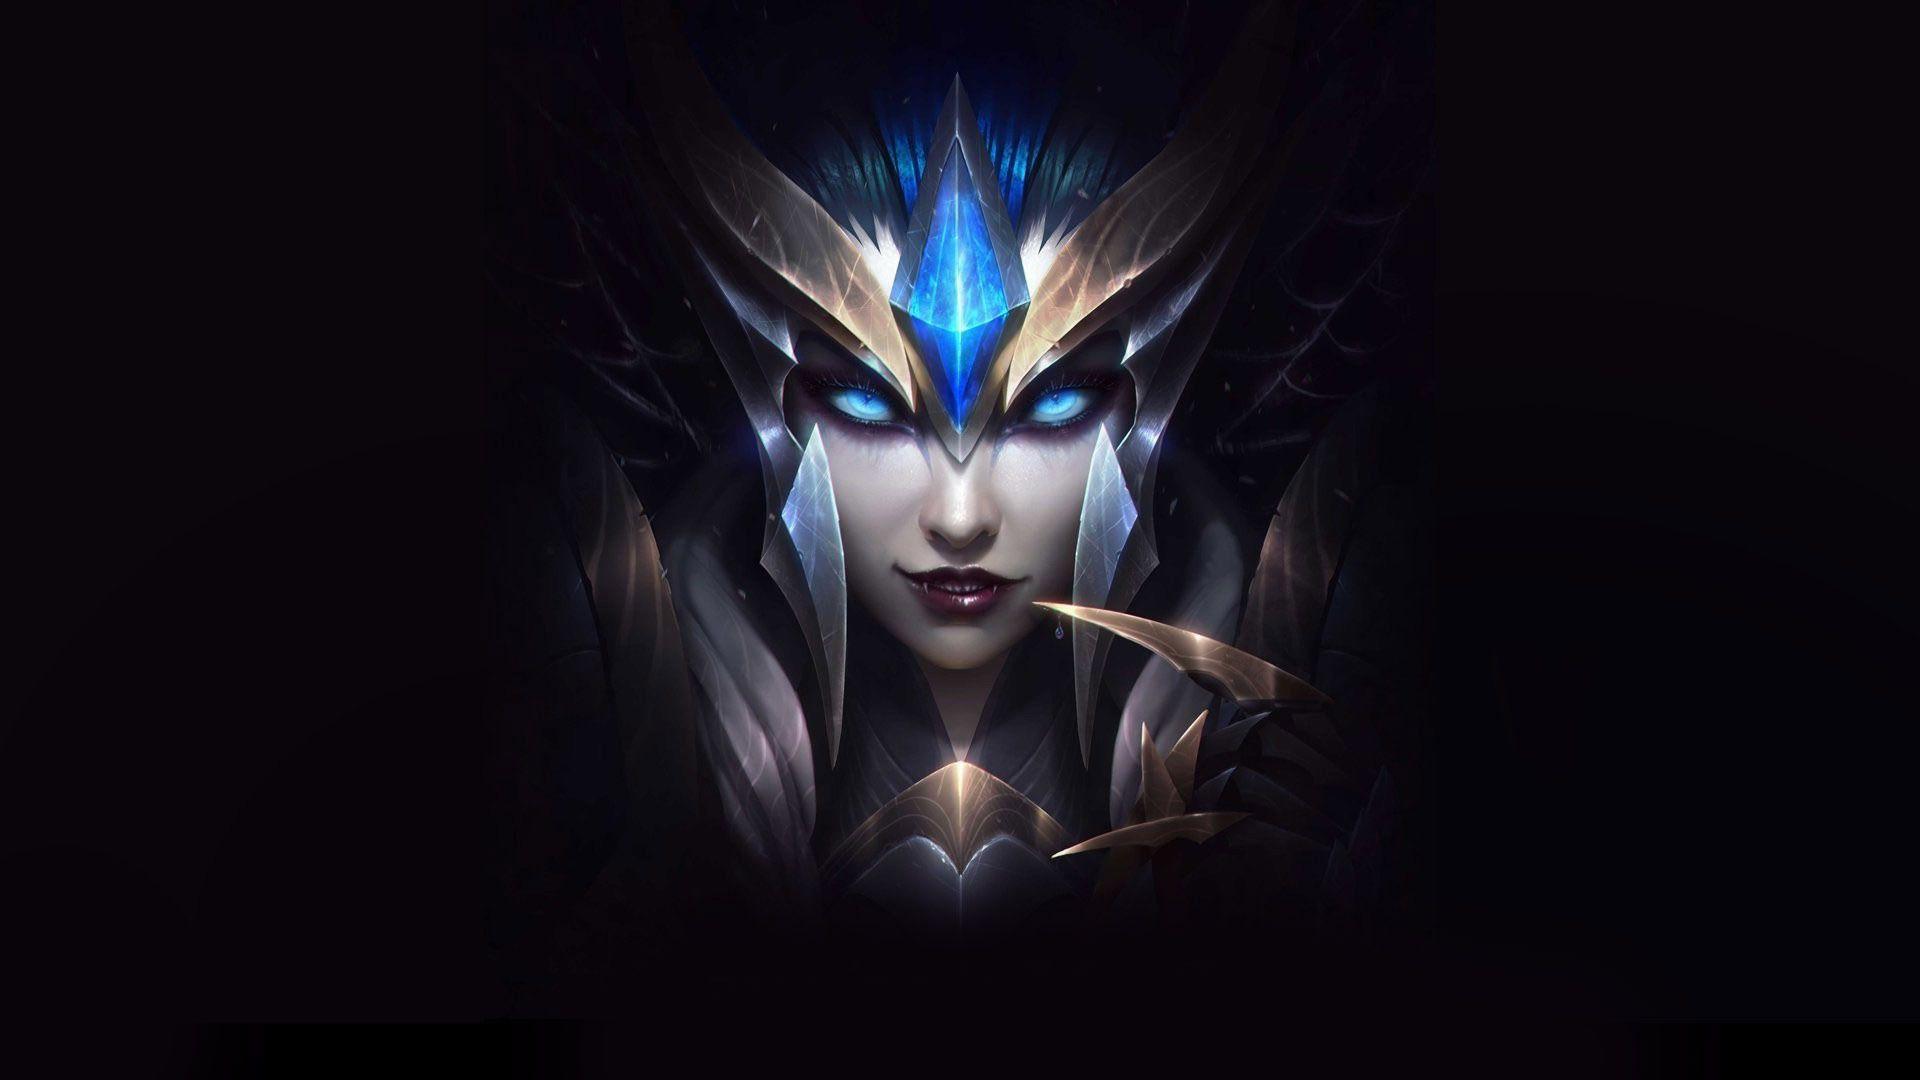 Elise League Of Legends Wallpaper League Of Legends Mobile Legend Wallpaper Character Wallpaper